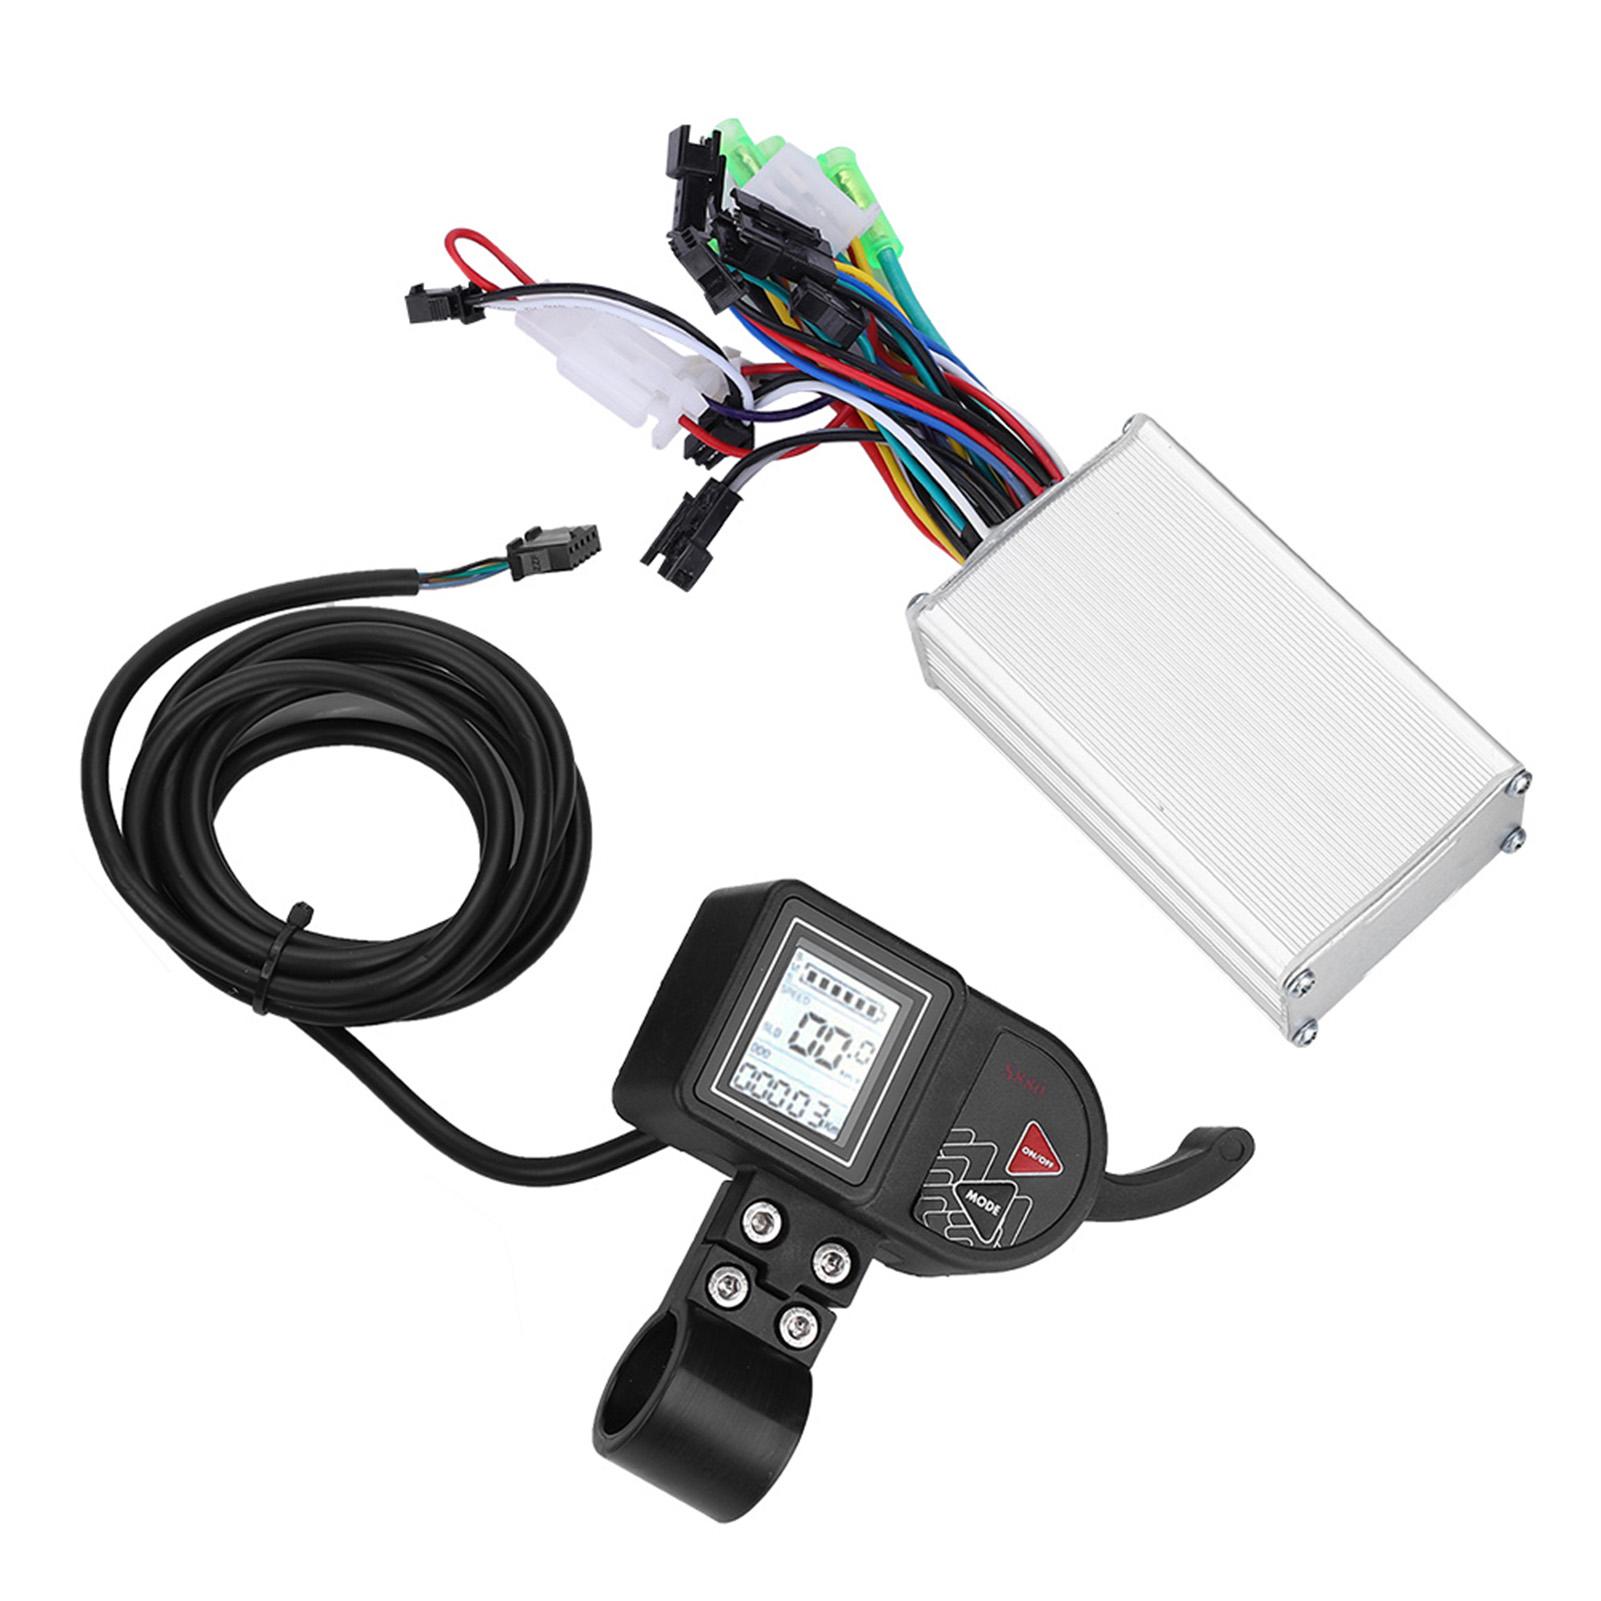 24-60V-Brushless-Motor-Controller-LCD-Panel-for-E-bike-Electric-Bike-Scooter-Kit thumbnail 27